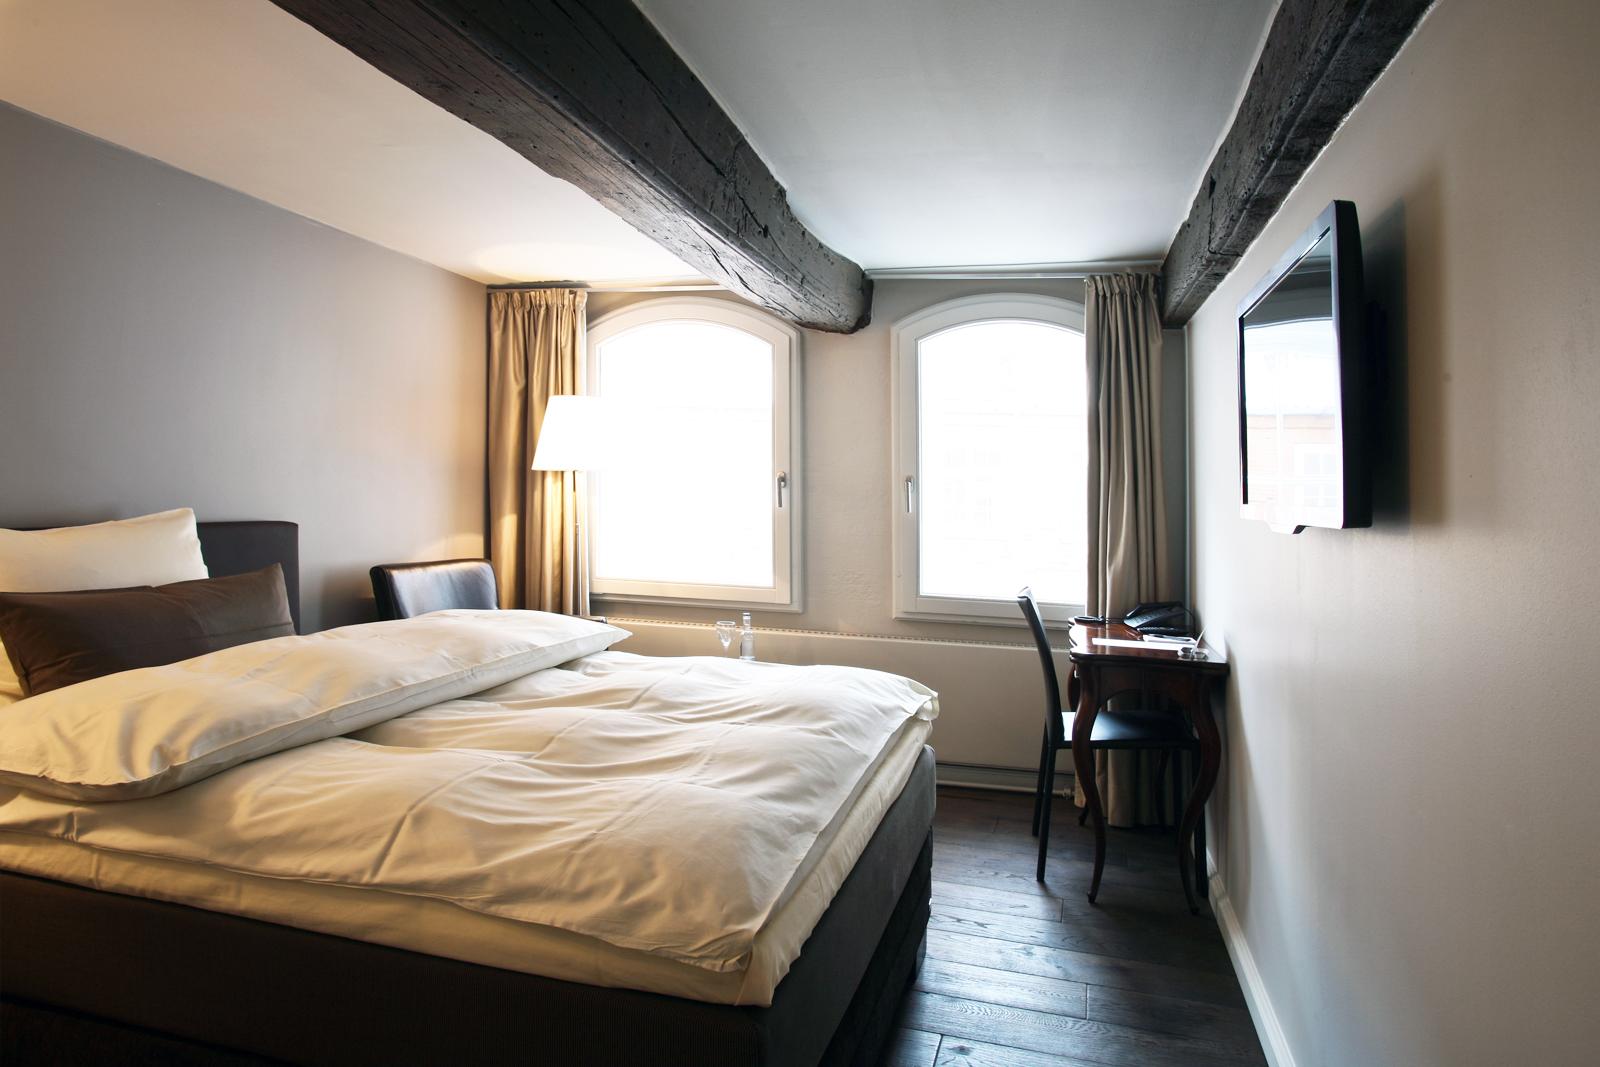 Besondere einzelzimmer hotel anno 1216 l beck for Besondere hotels